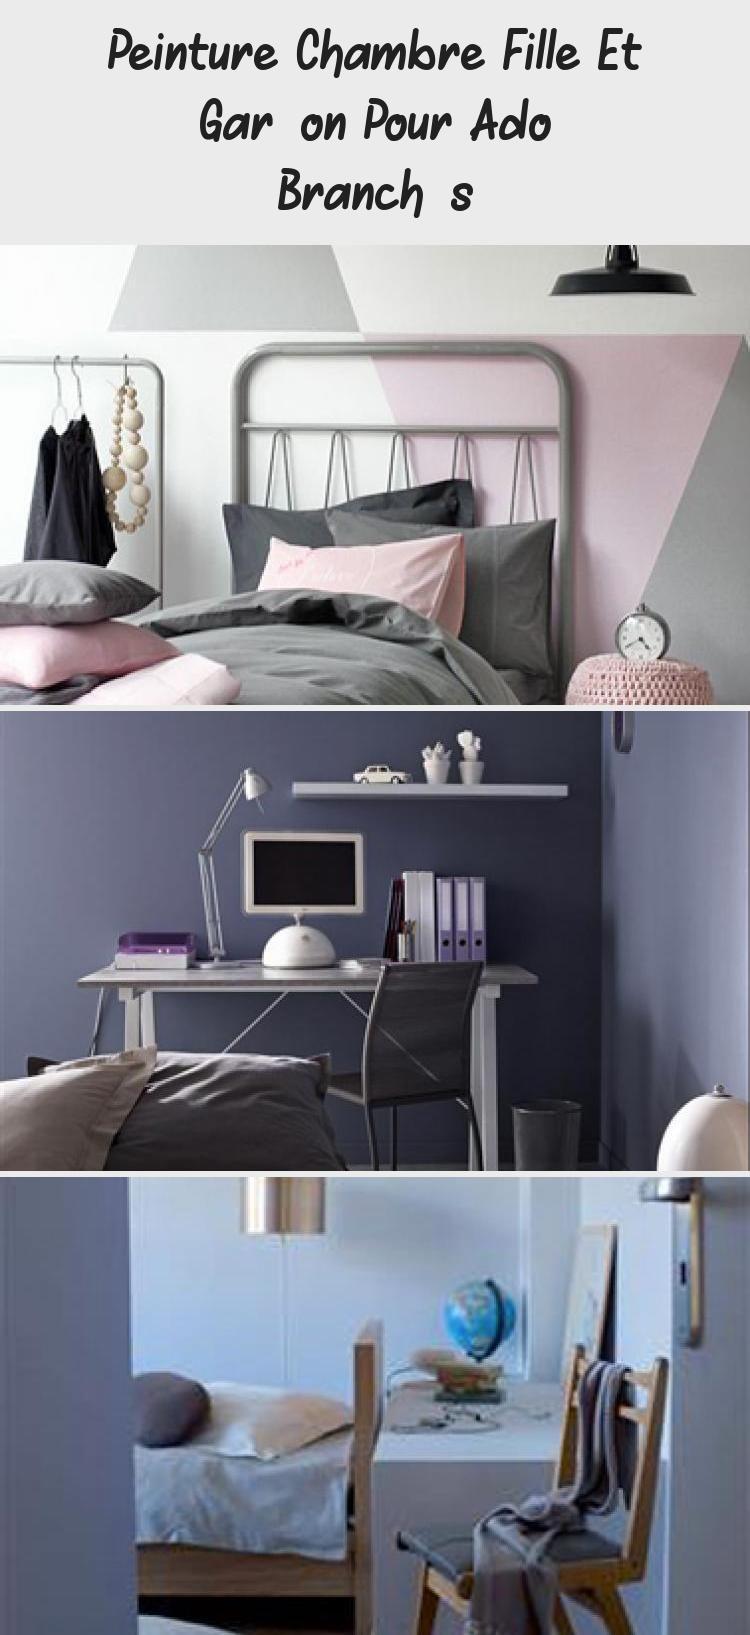 Peinture Chambre Fille Et Garcon Pour Ado Branches Decoration Home Decor Pouf Furniture